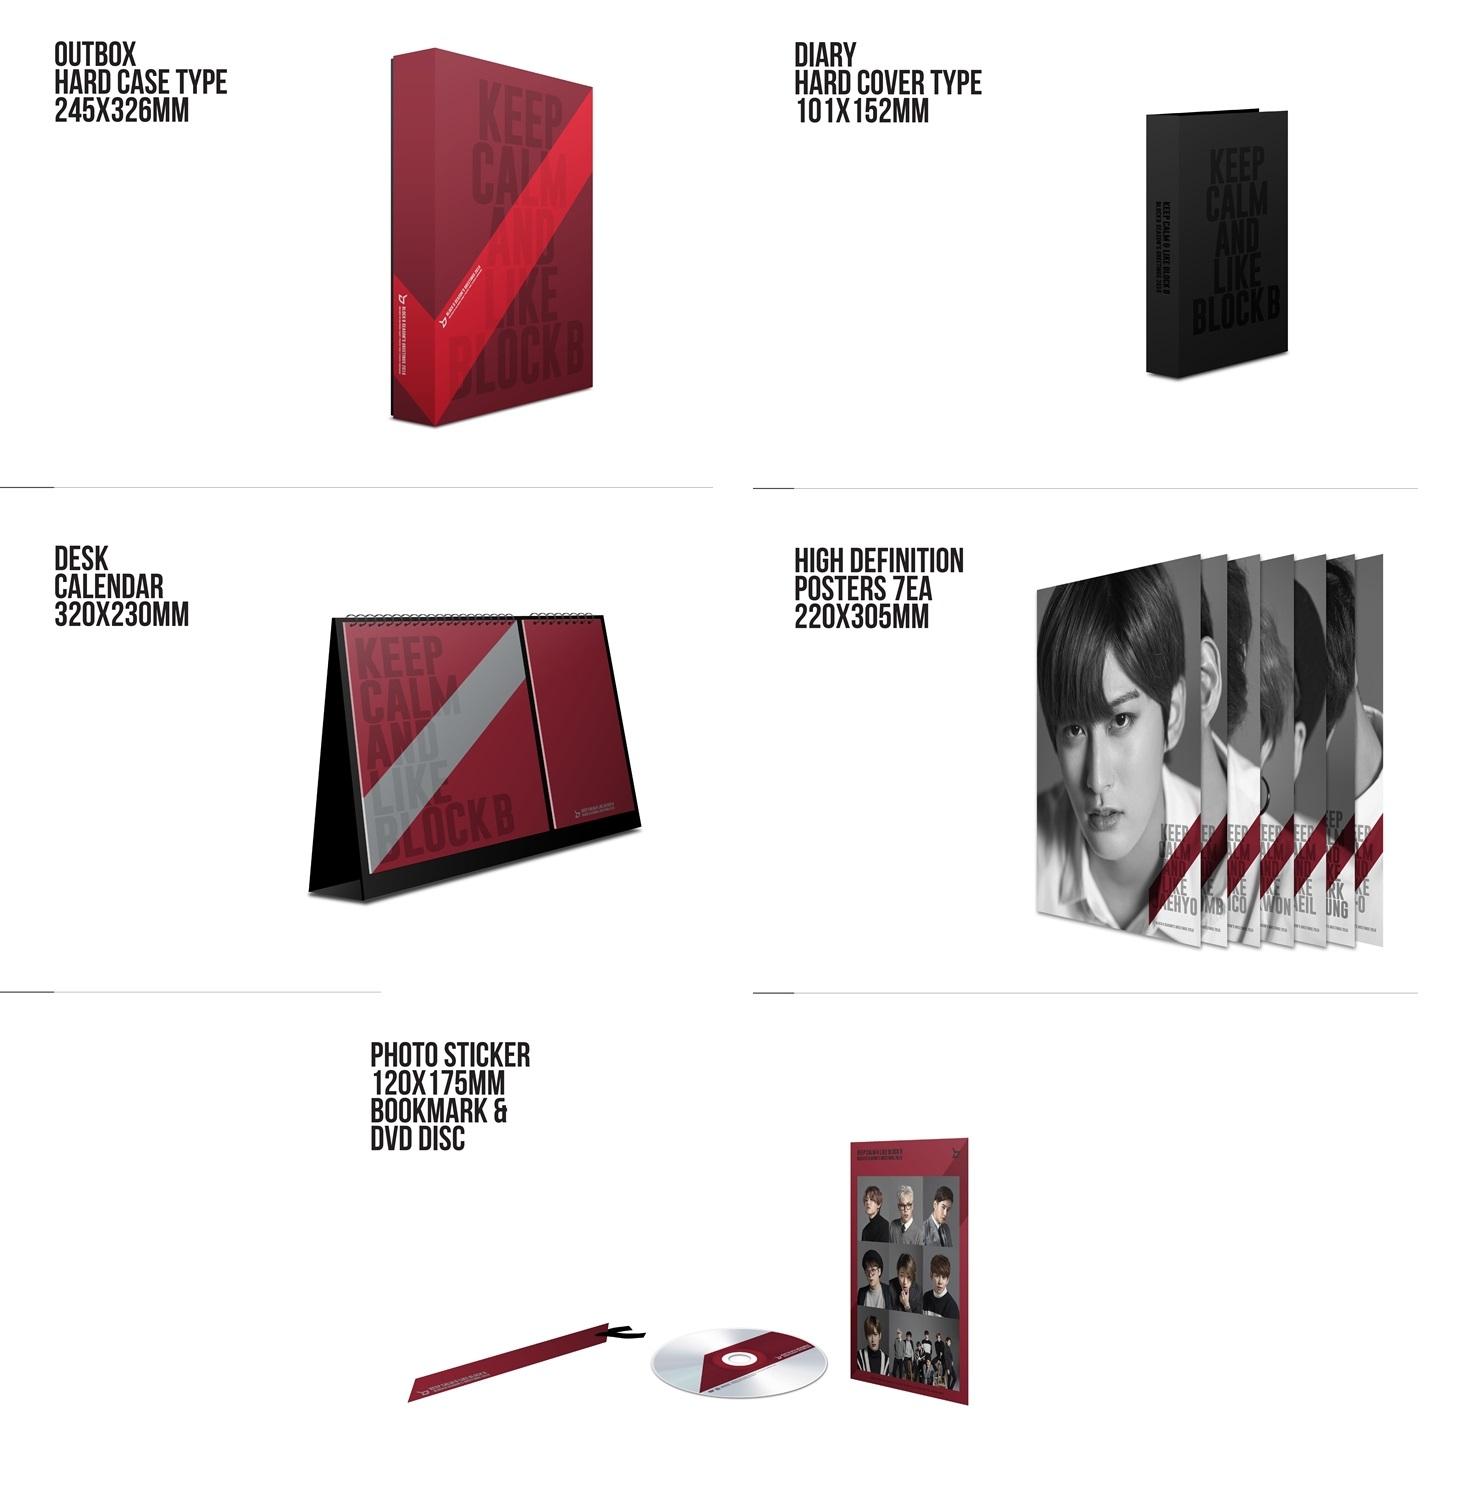 Kedai kpop my merchandise block b 2016 seasons greetings merchandise block b 2016 seasons greetings m4hsunfo